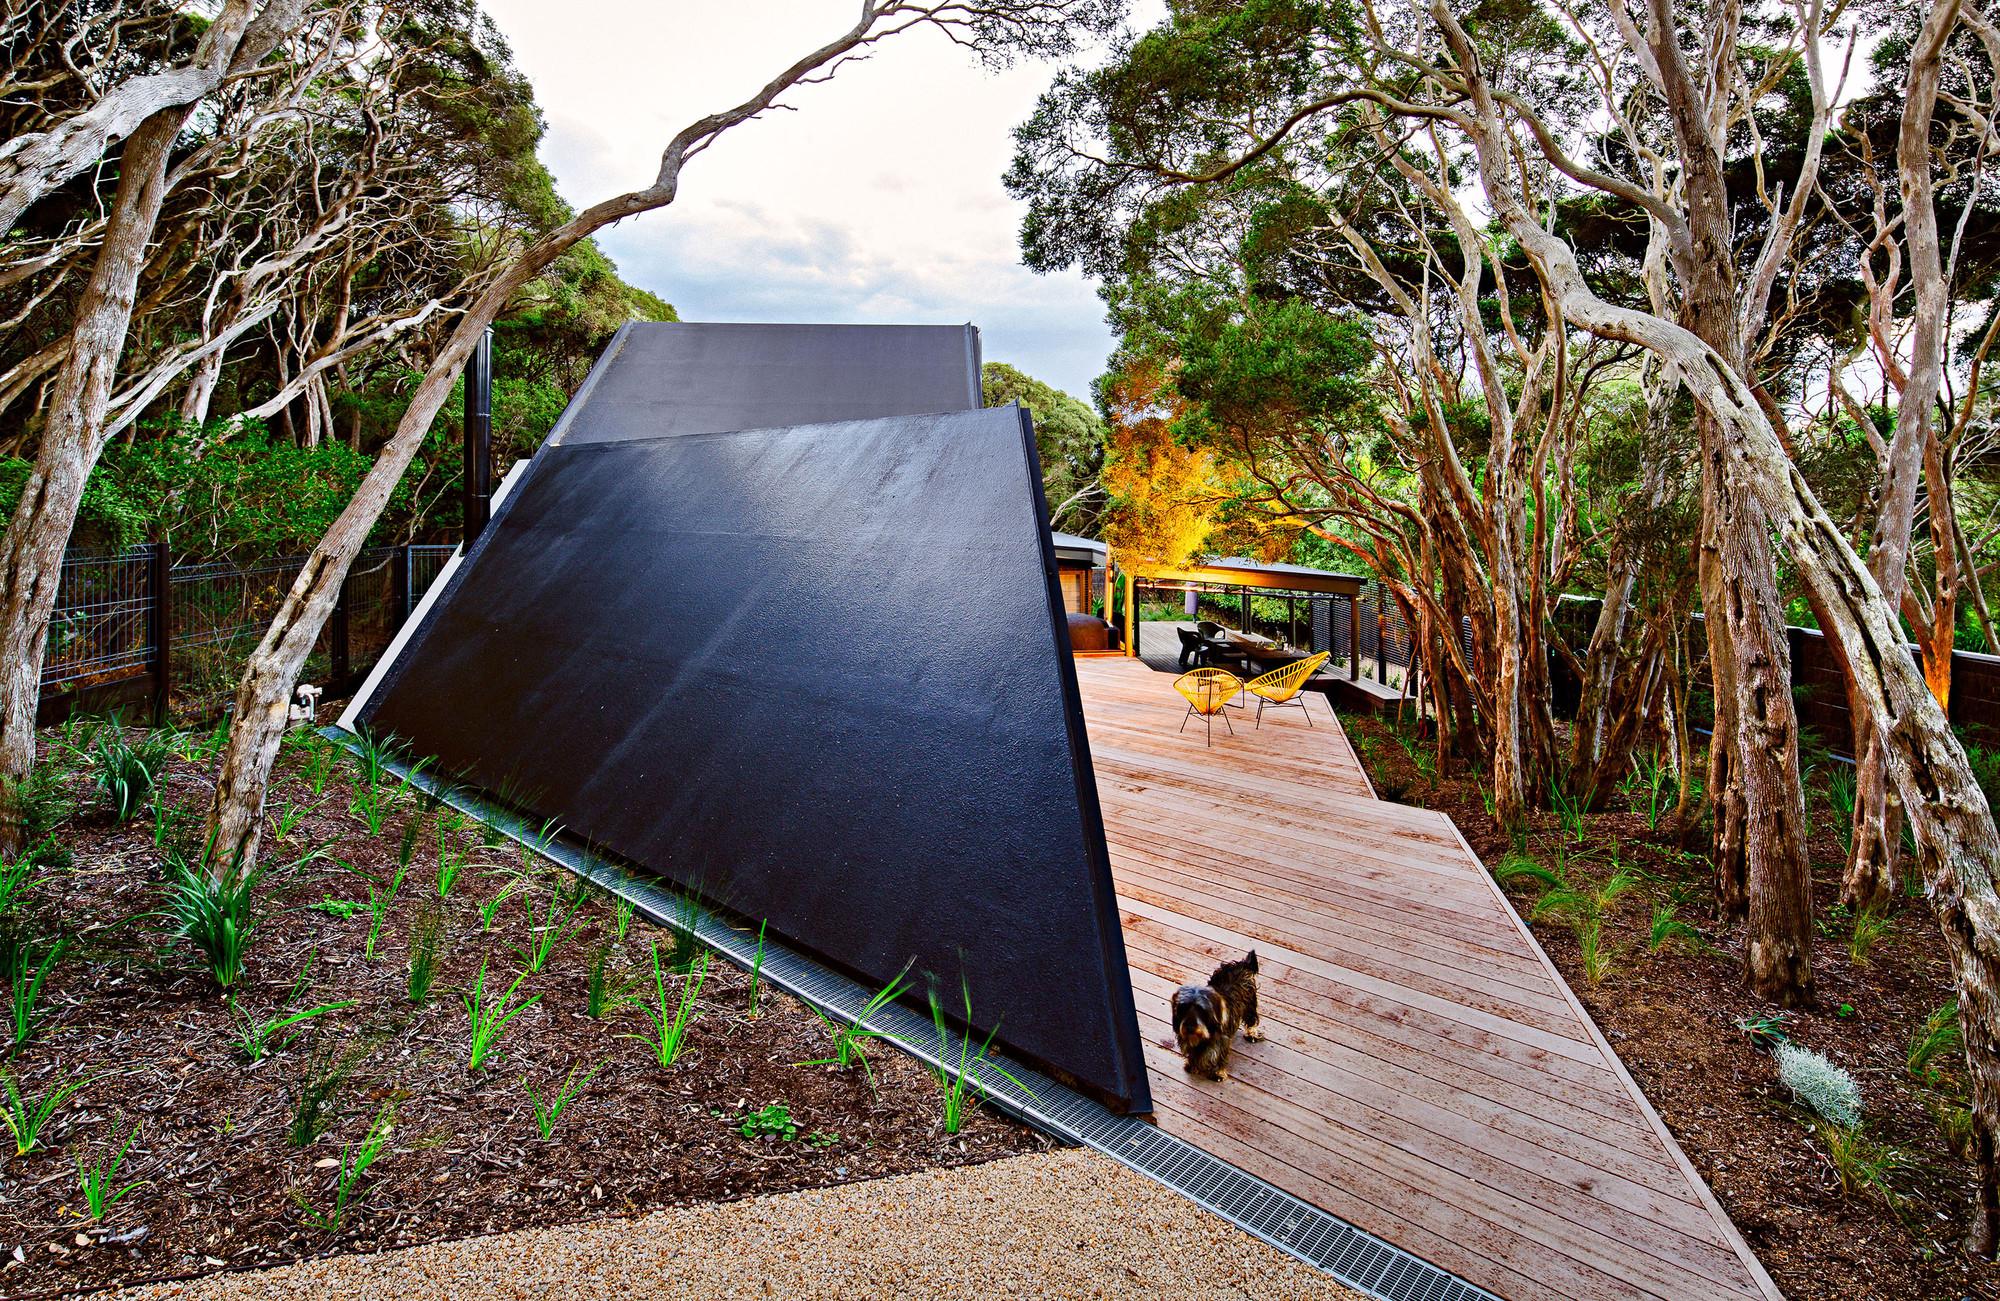 Cabaña 2 / Maddison Architects